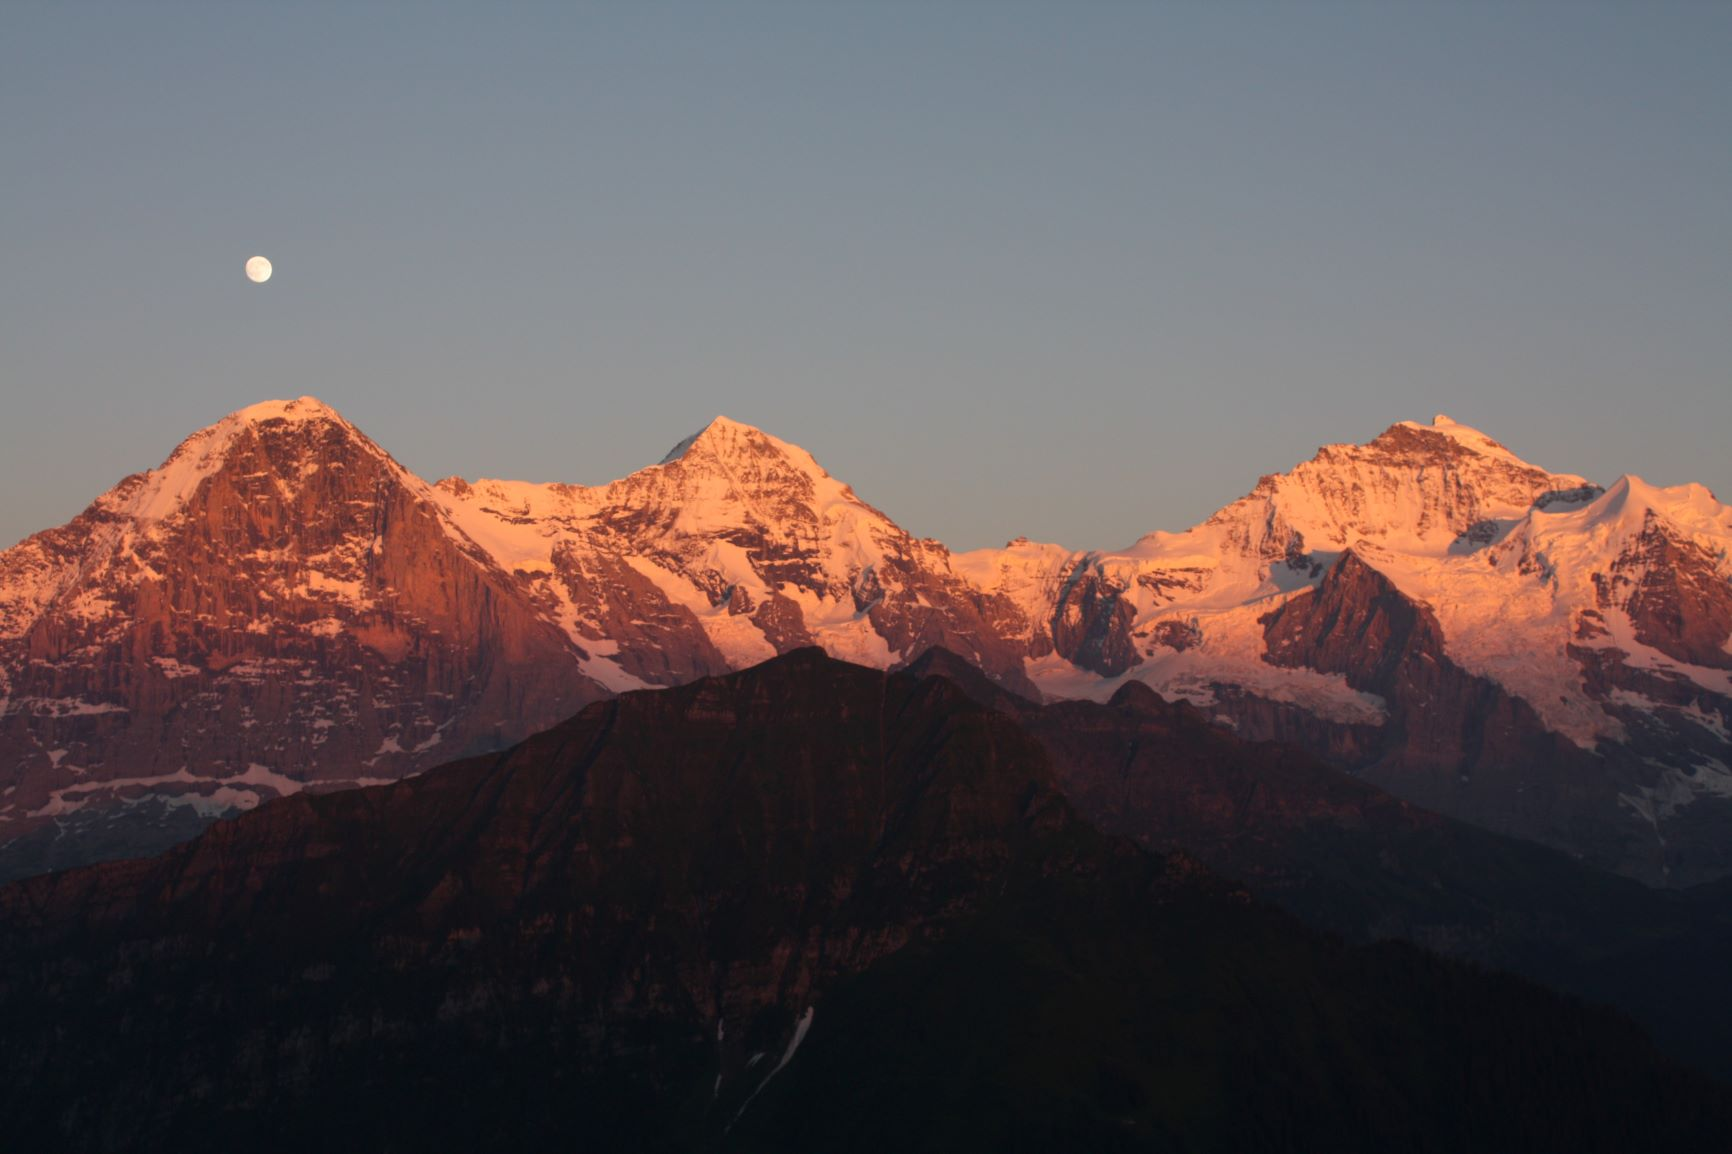 シーニゲプラッテから望む素晴らしい夕景